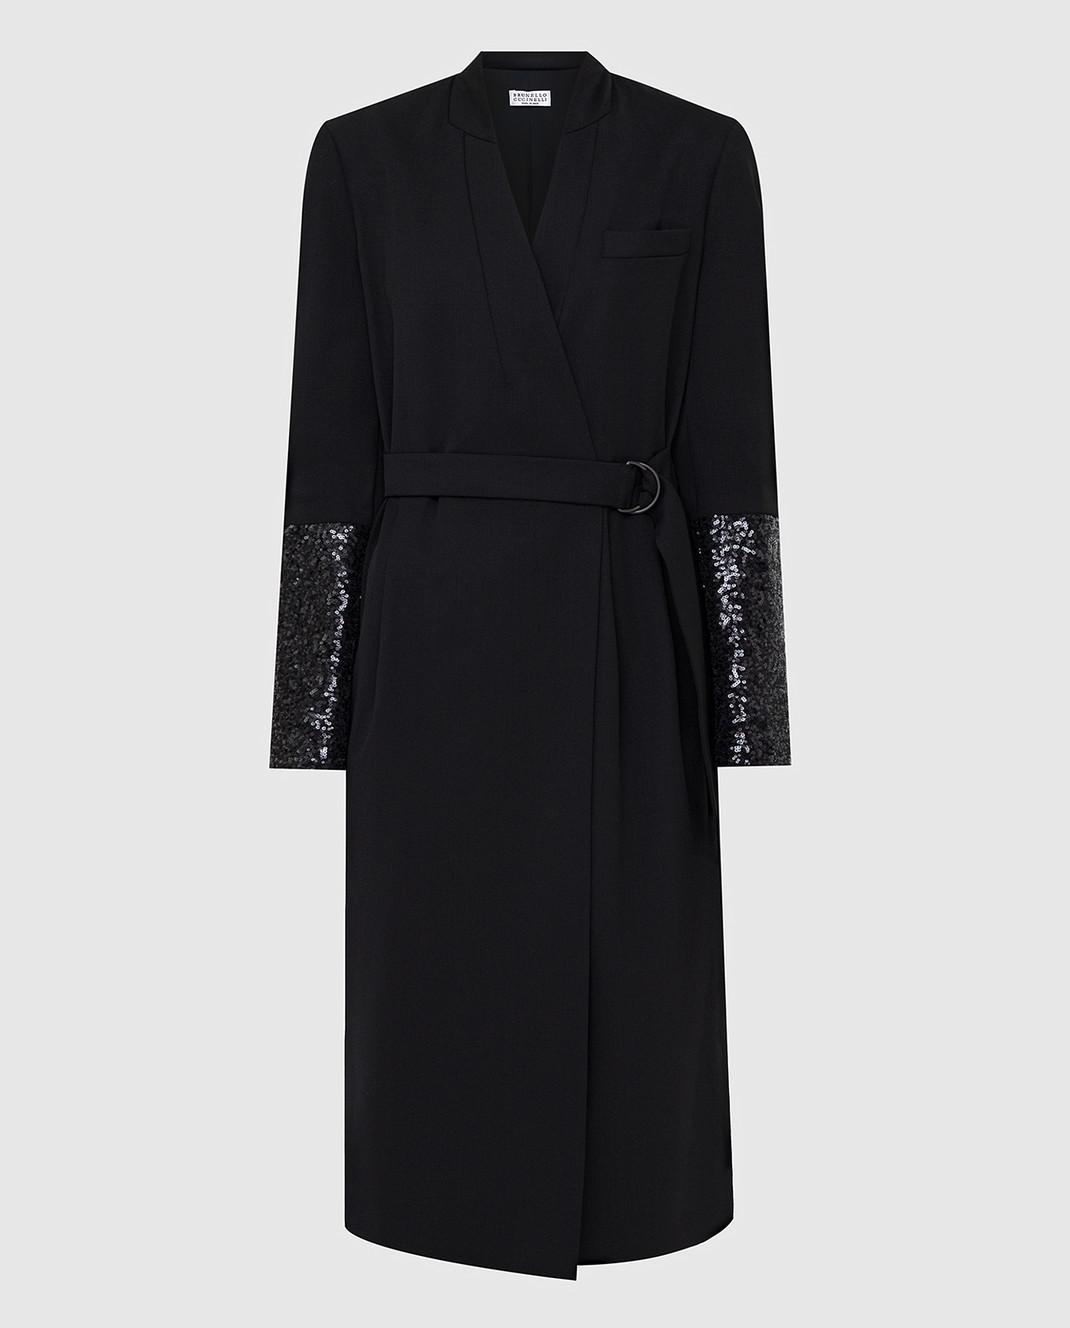 Brunello Cucinelli Черное платье из шерсти изображение 1